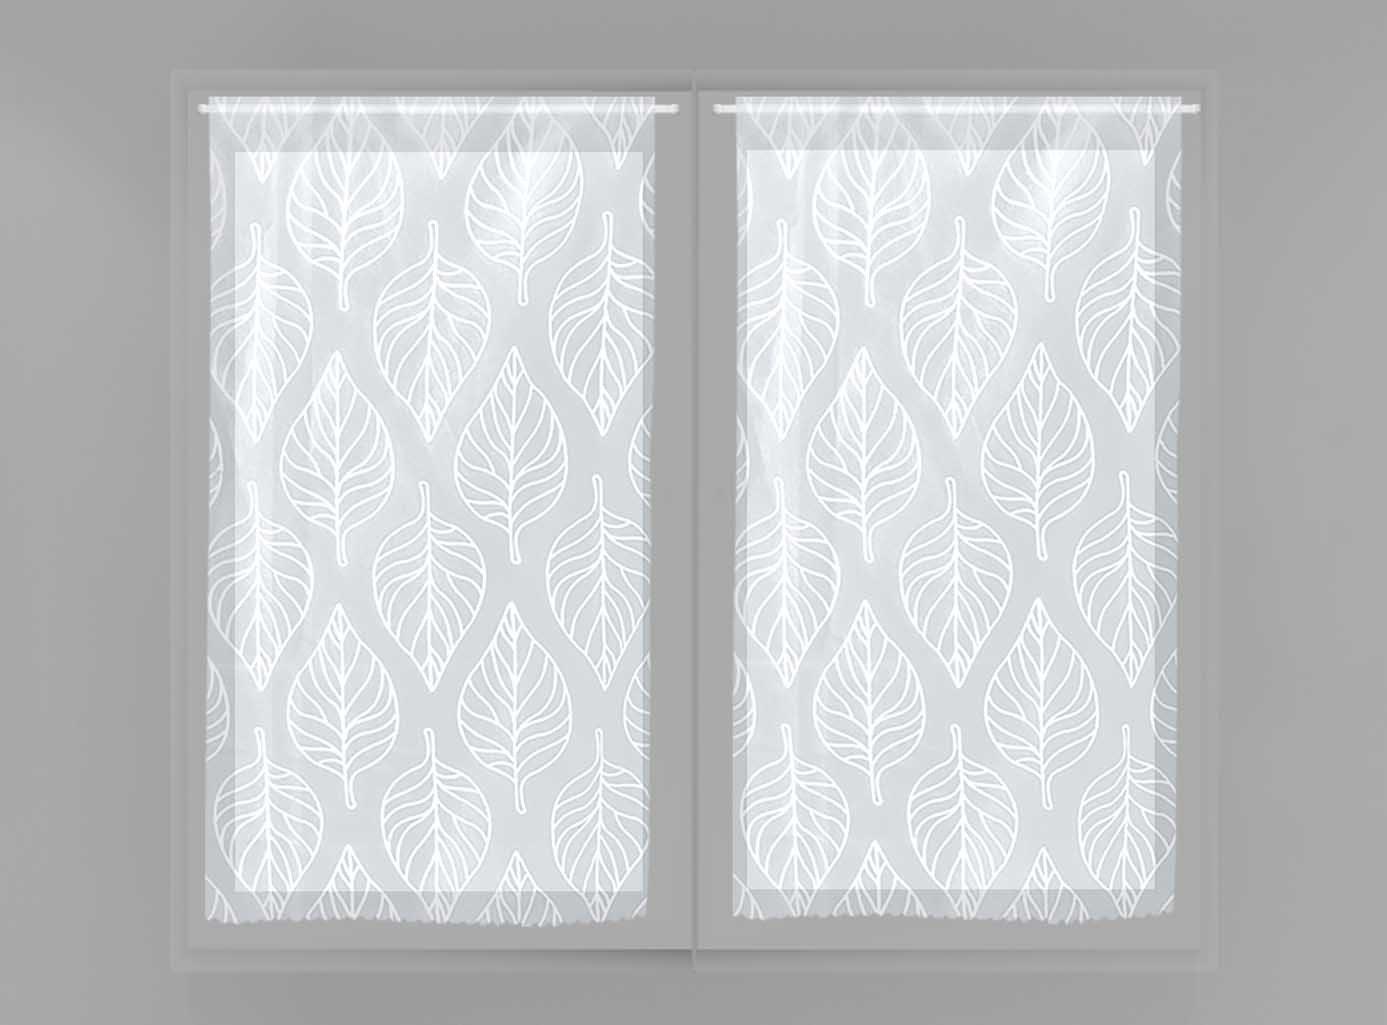 Soleil d'Ocre Paire de Brise bise 45x90 Maud Blanc, Polyester, 45x90 cm Selartex 042029